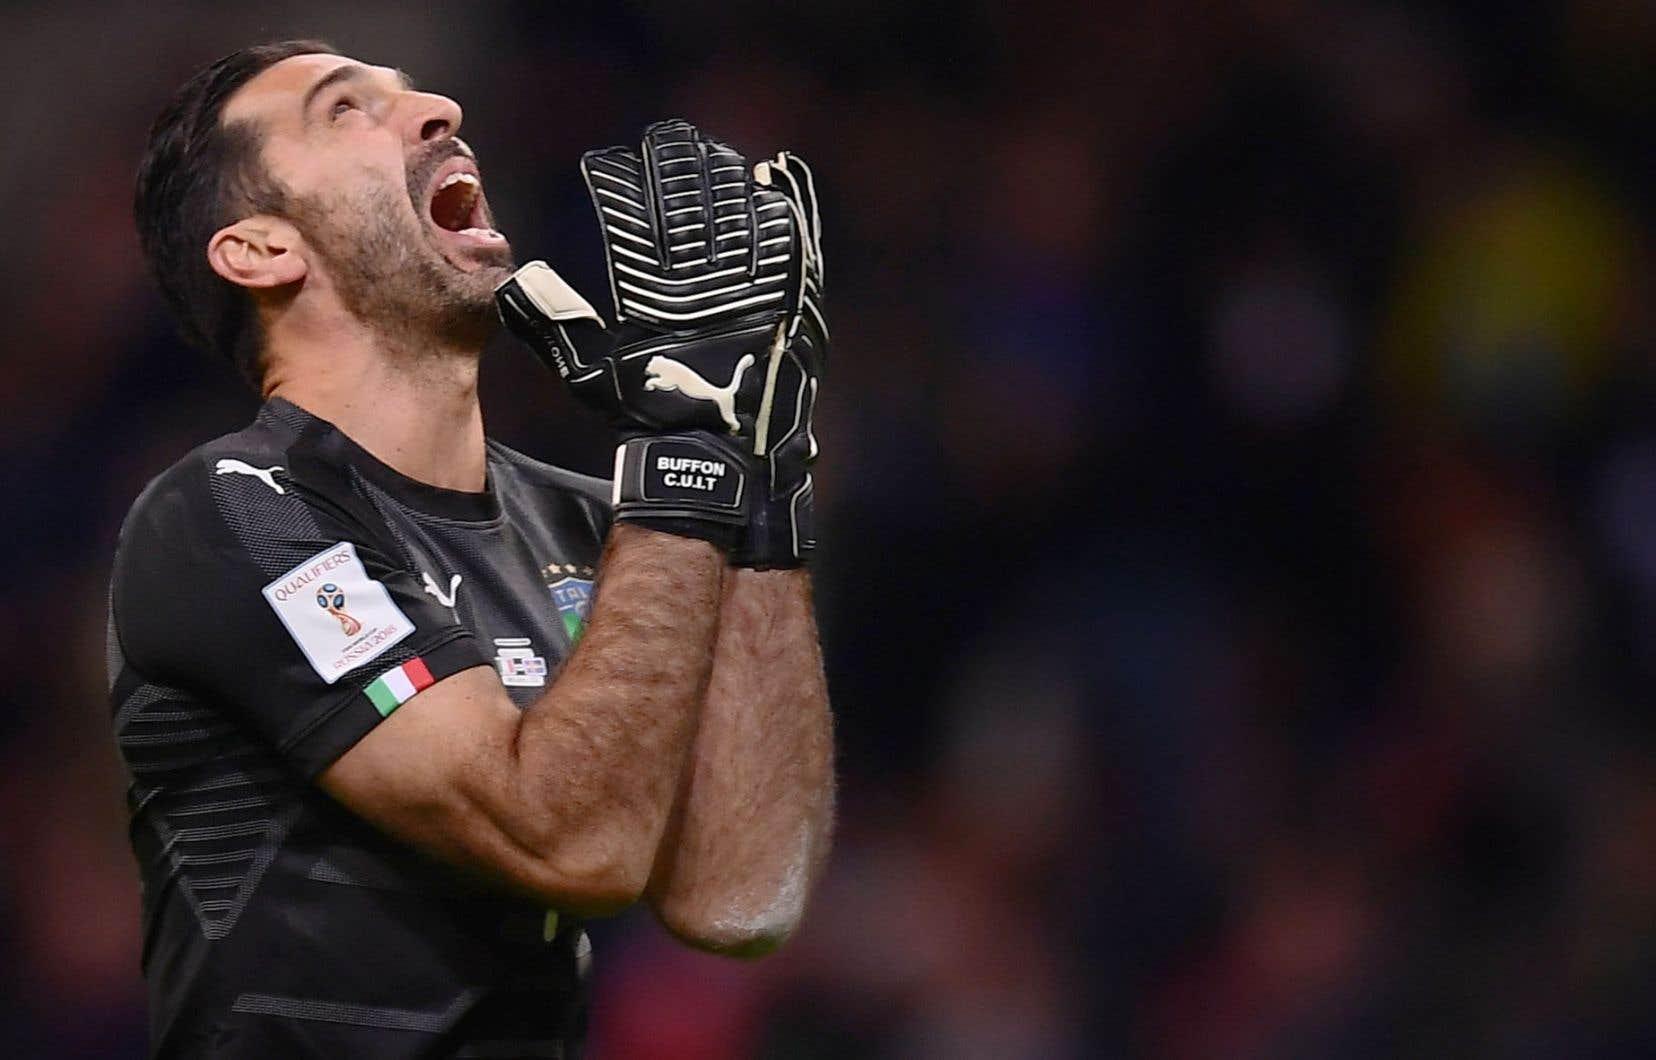 L'heure de la retraite internationale est arrivée pour le gardien Gianluigi Buffon, à 39 ans et après 175 sélections.